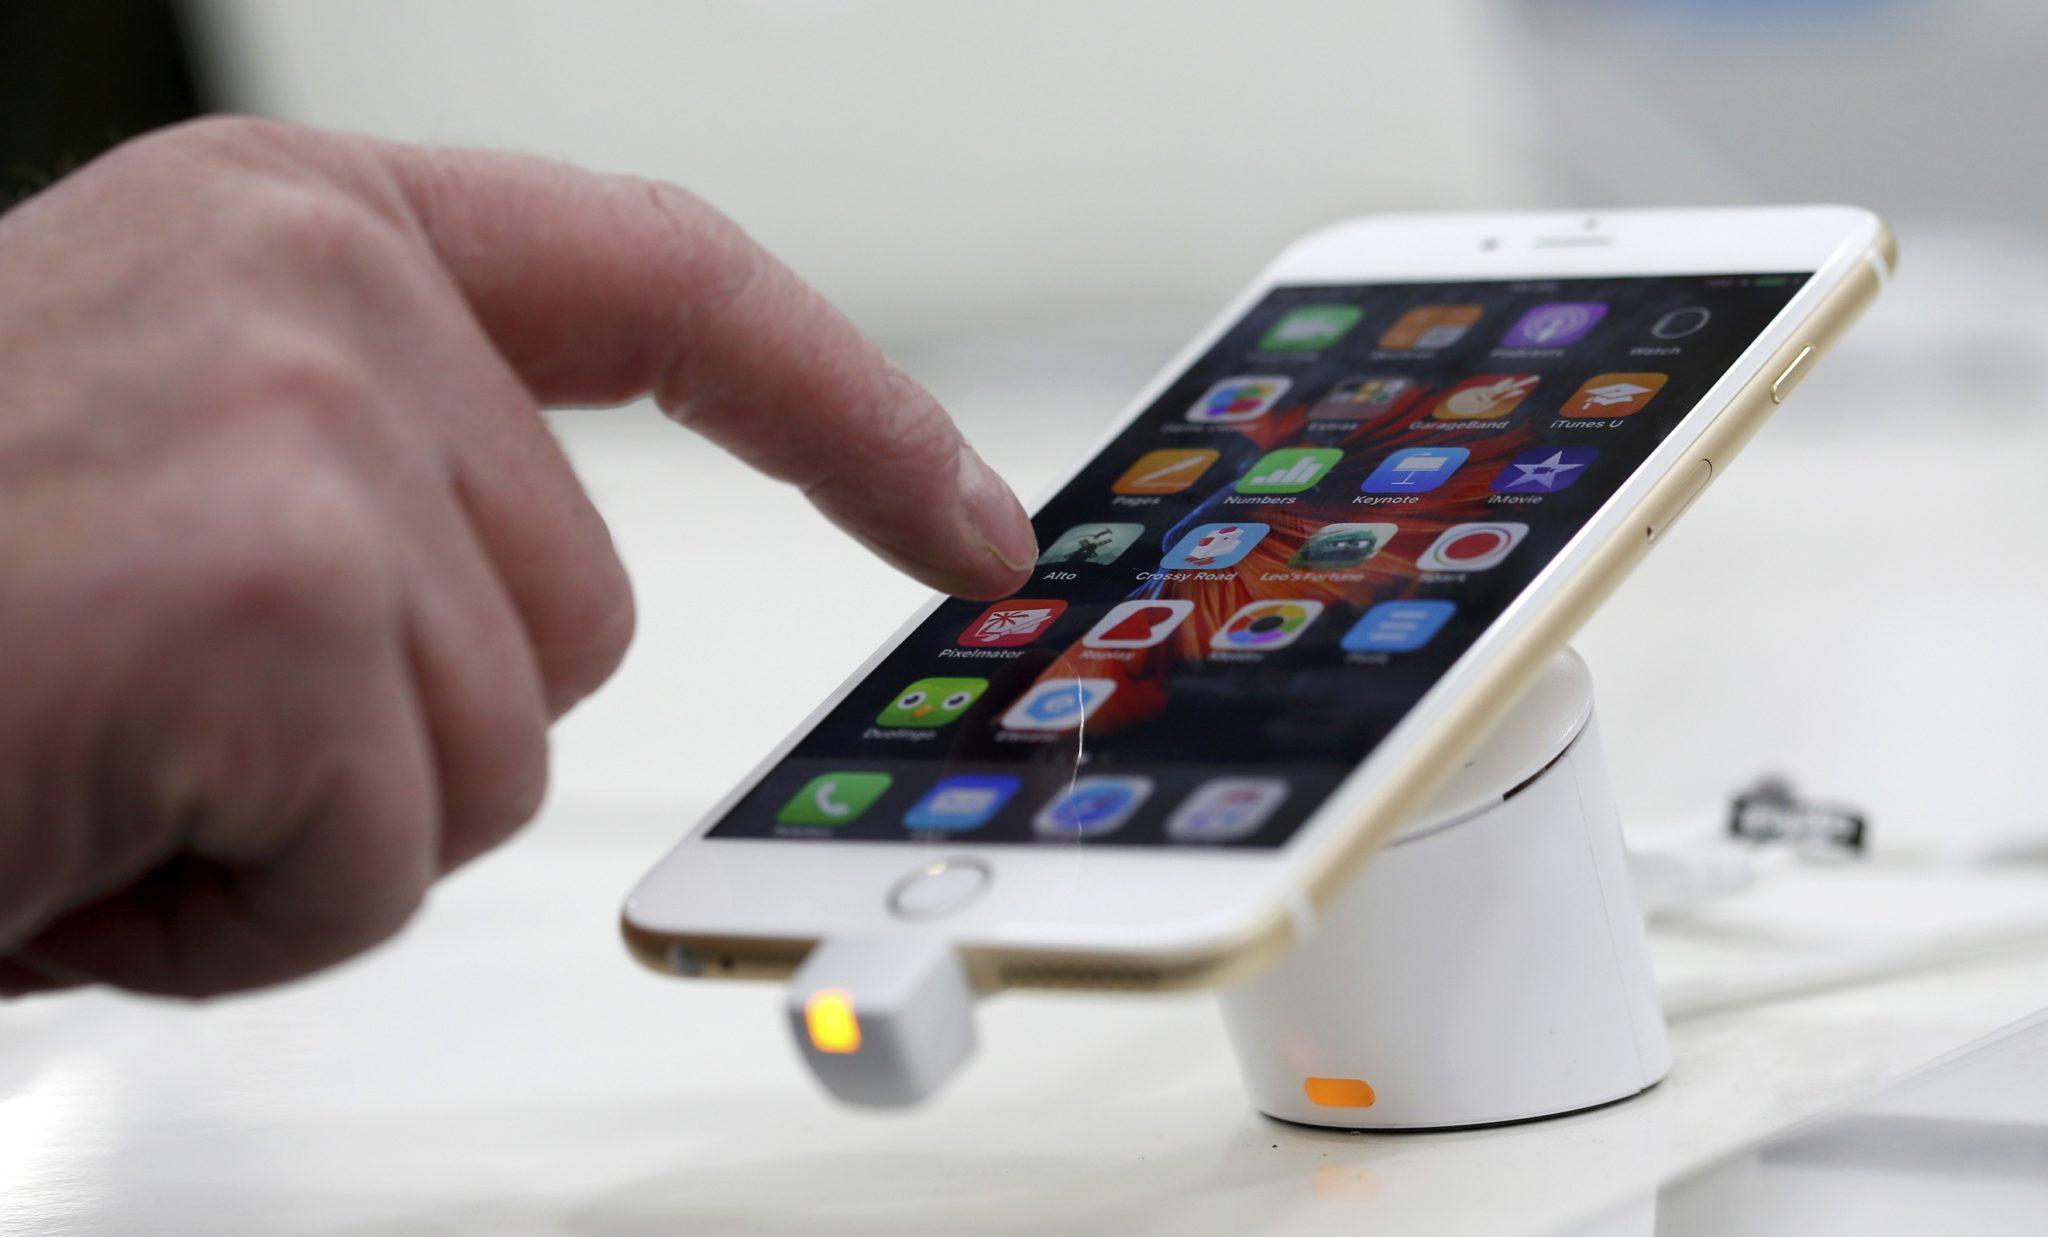 perbedaan iphone su dan fu » IPhone SU dan FU, Apa Perbedaannya?